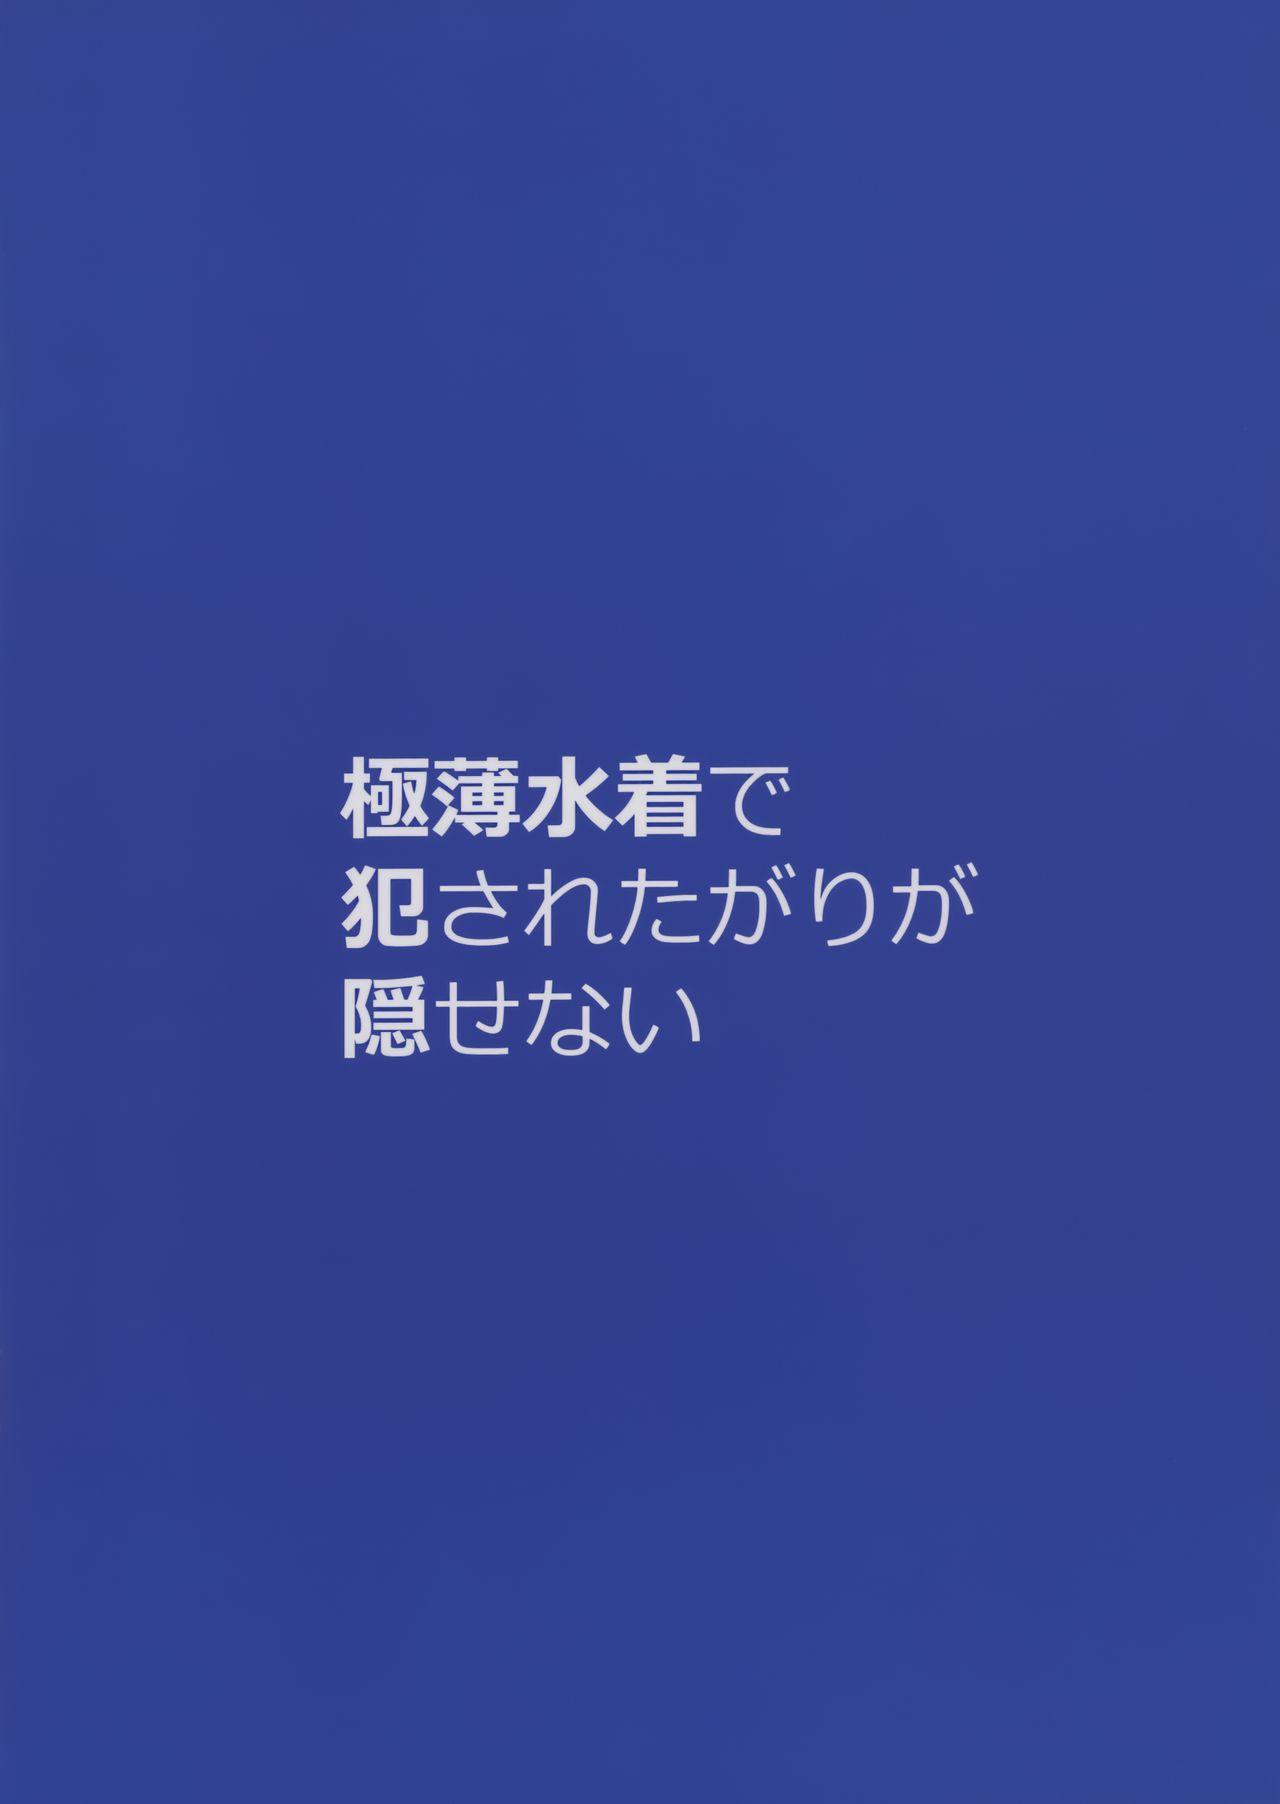 Gokuusu Mizugi de Okasaretagari ga Kakusenai 2